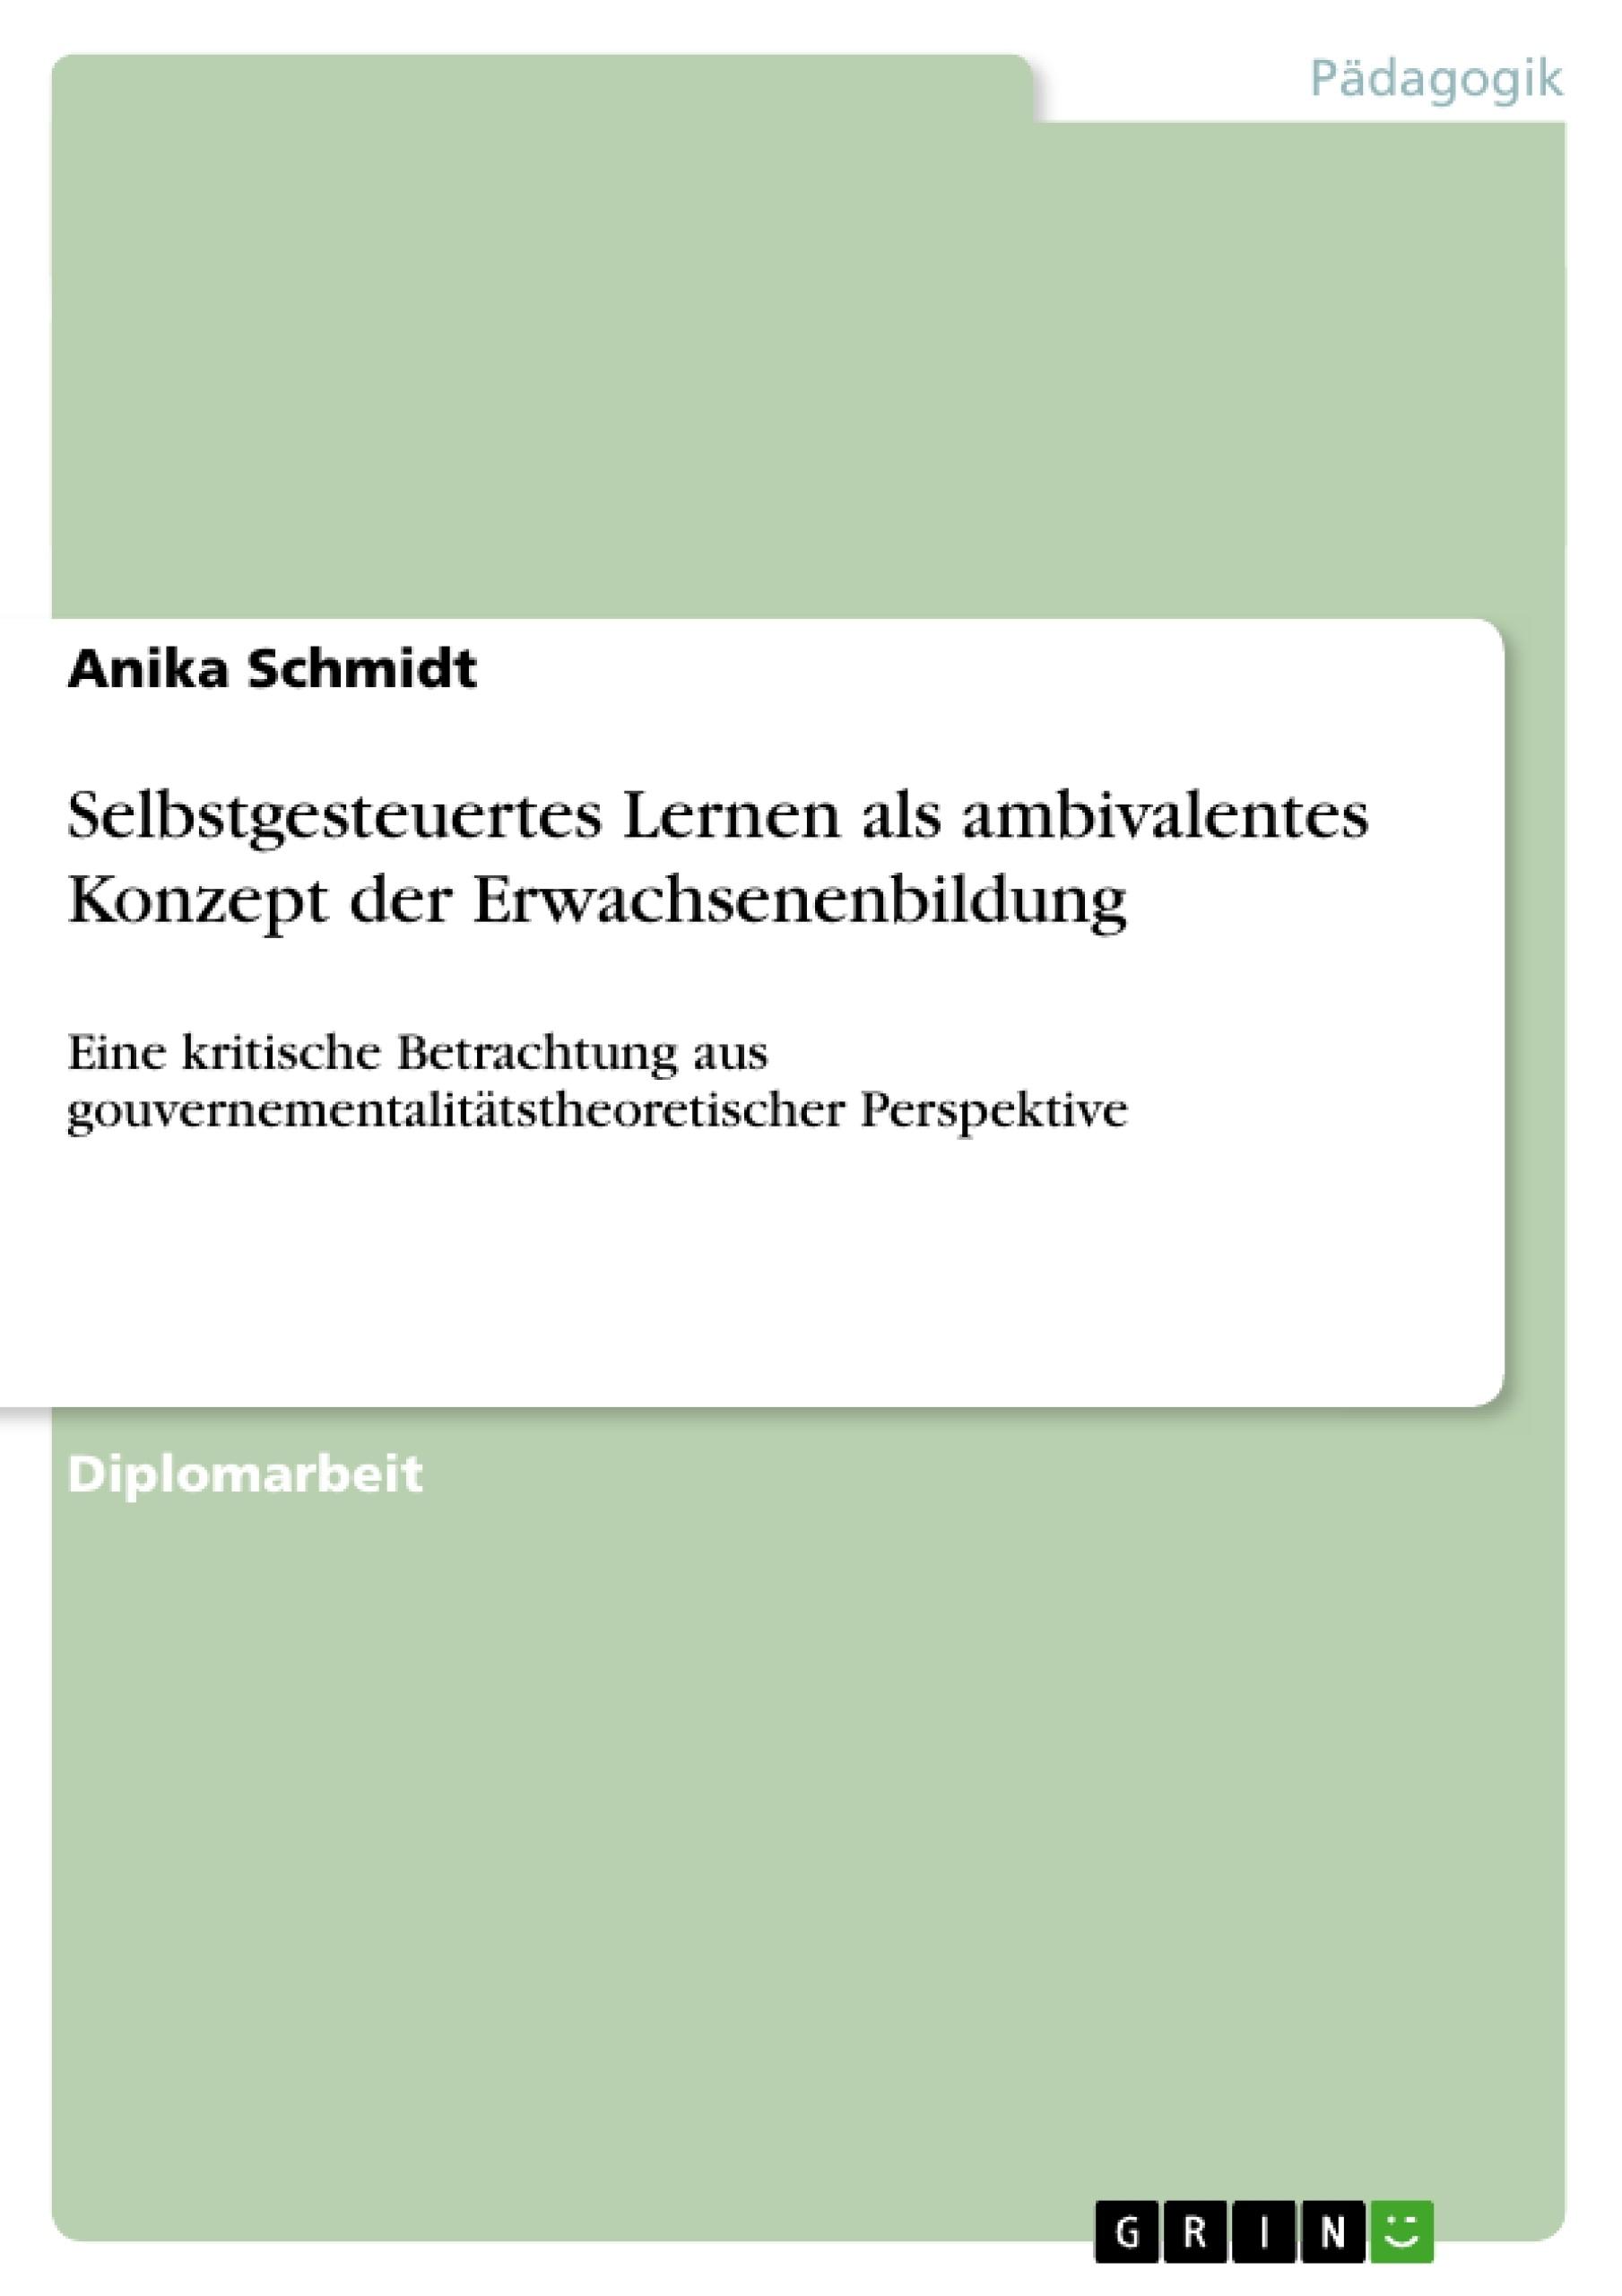 Titel: Selbstgesteuertes Lernen als ambivalentes Konzept der Erwachsenenbildung